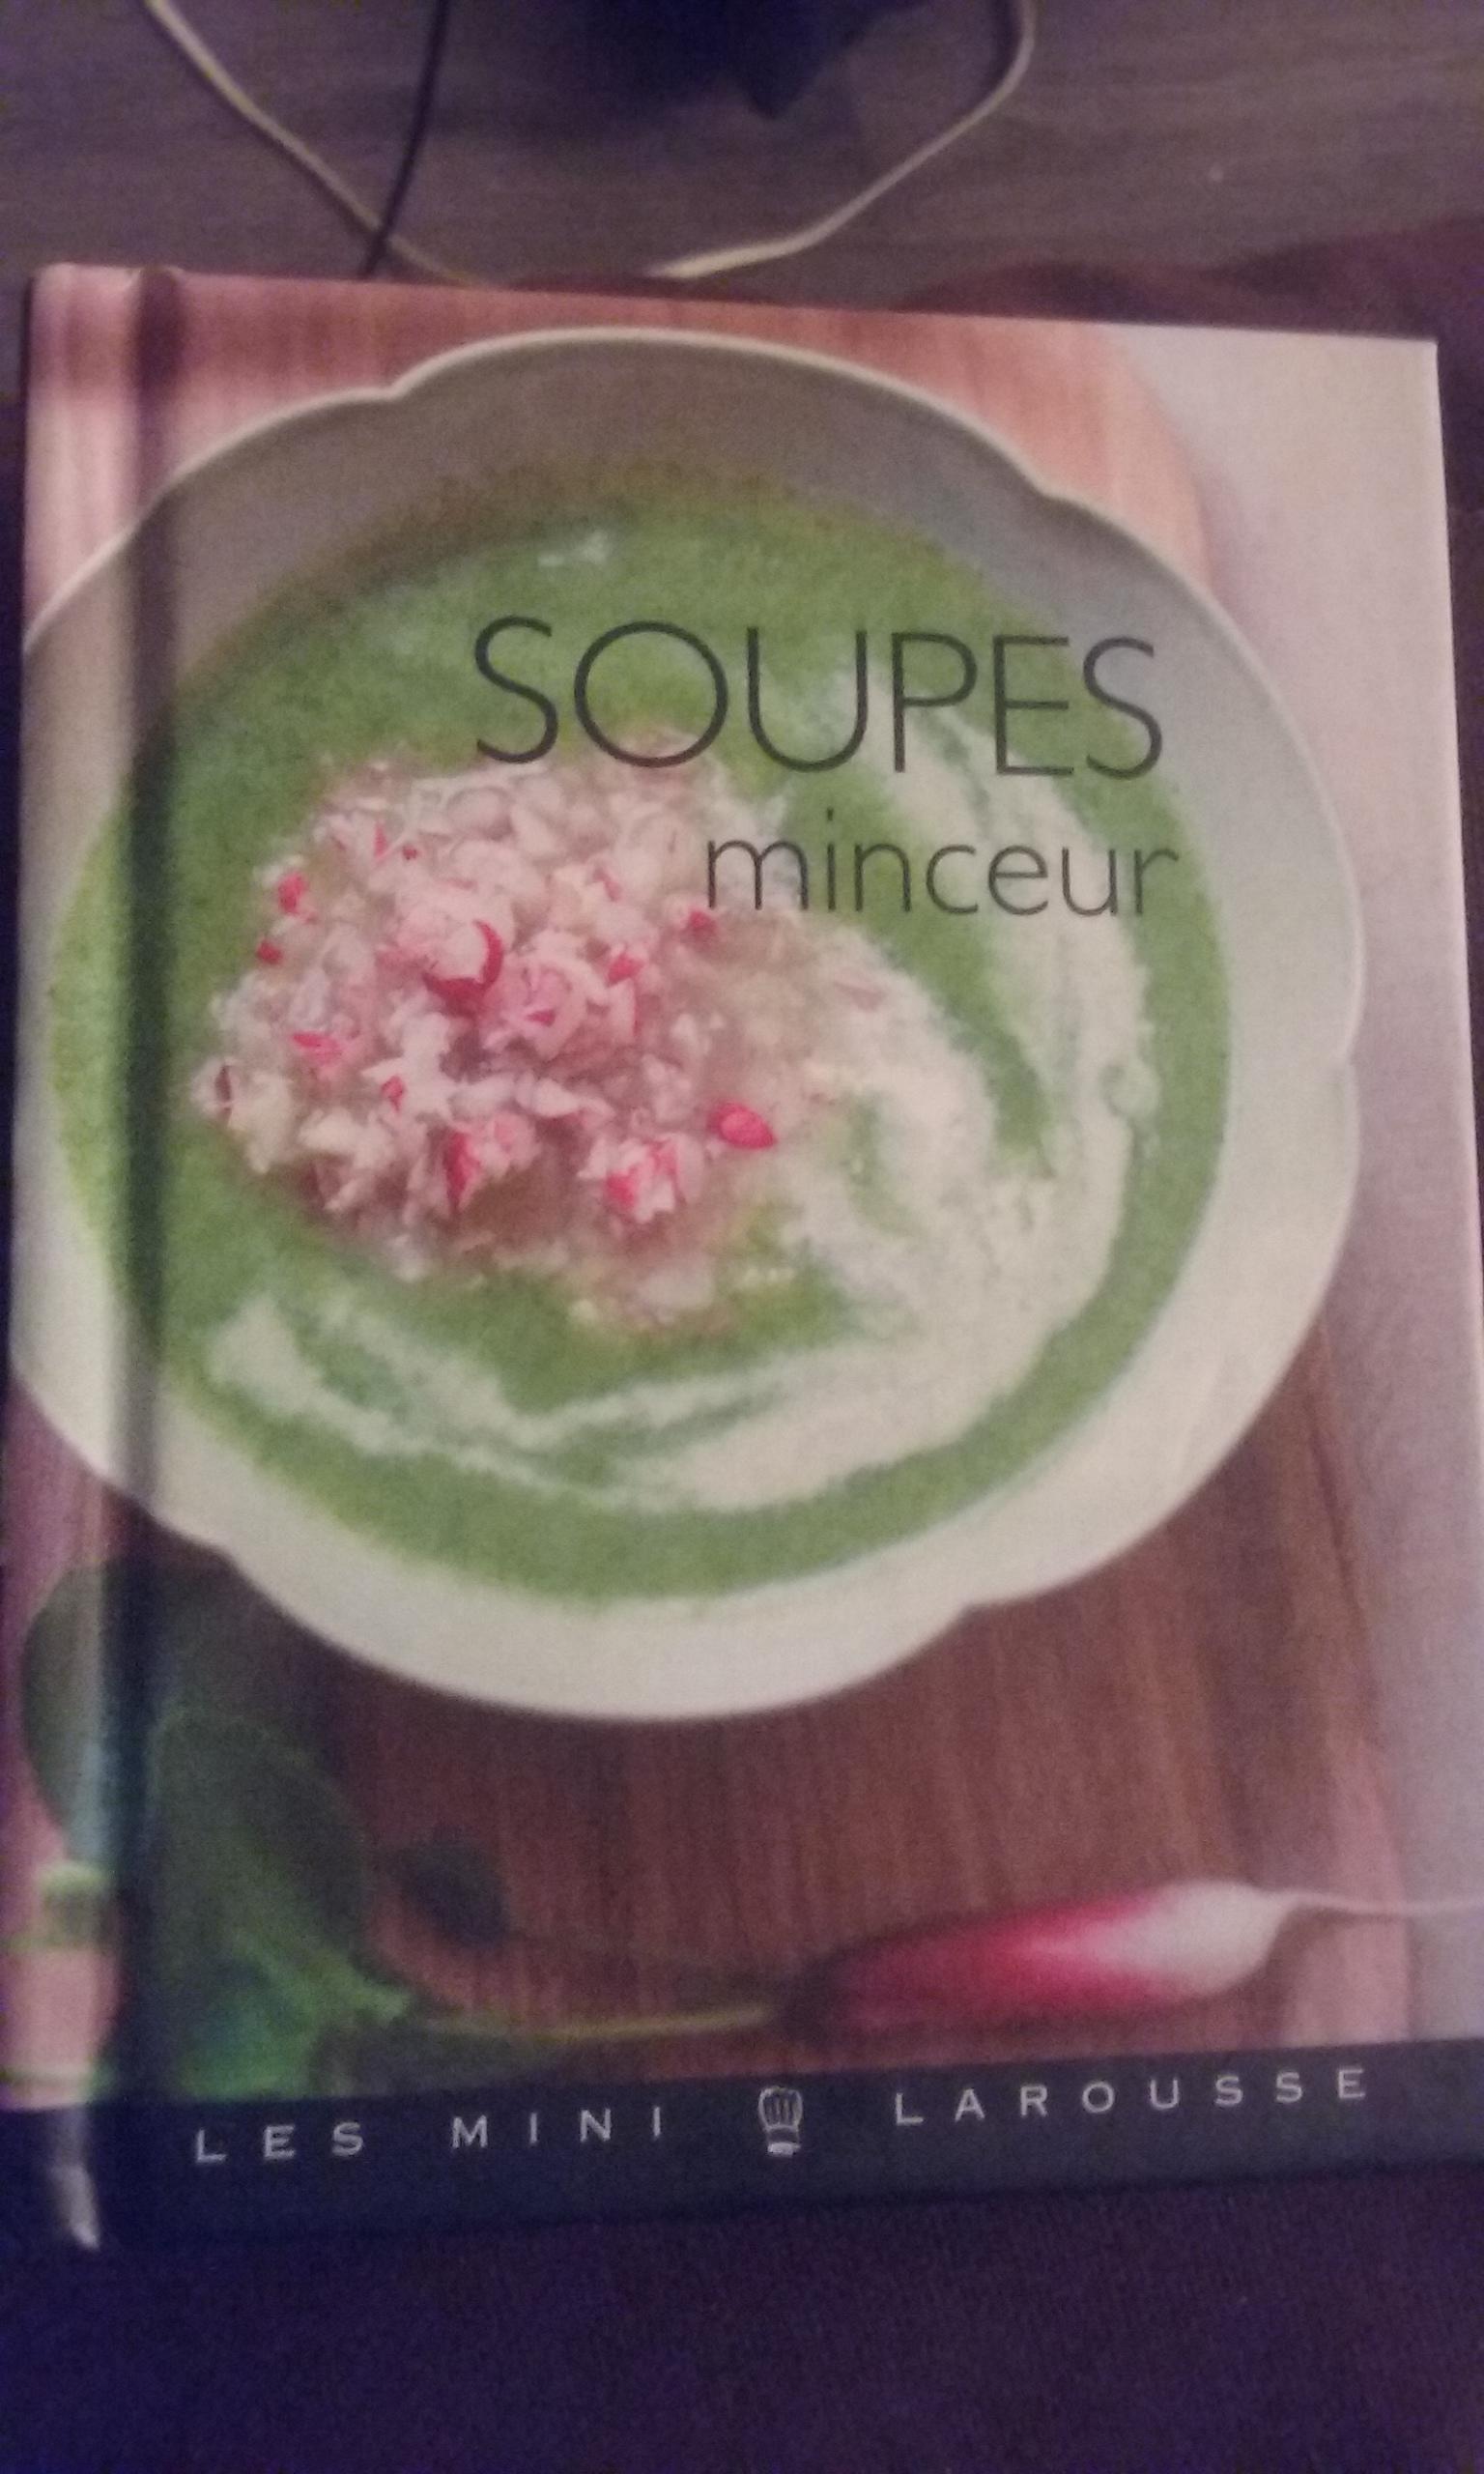 troc de troc recette soupes minceur image 0